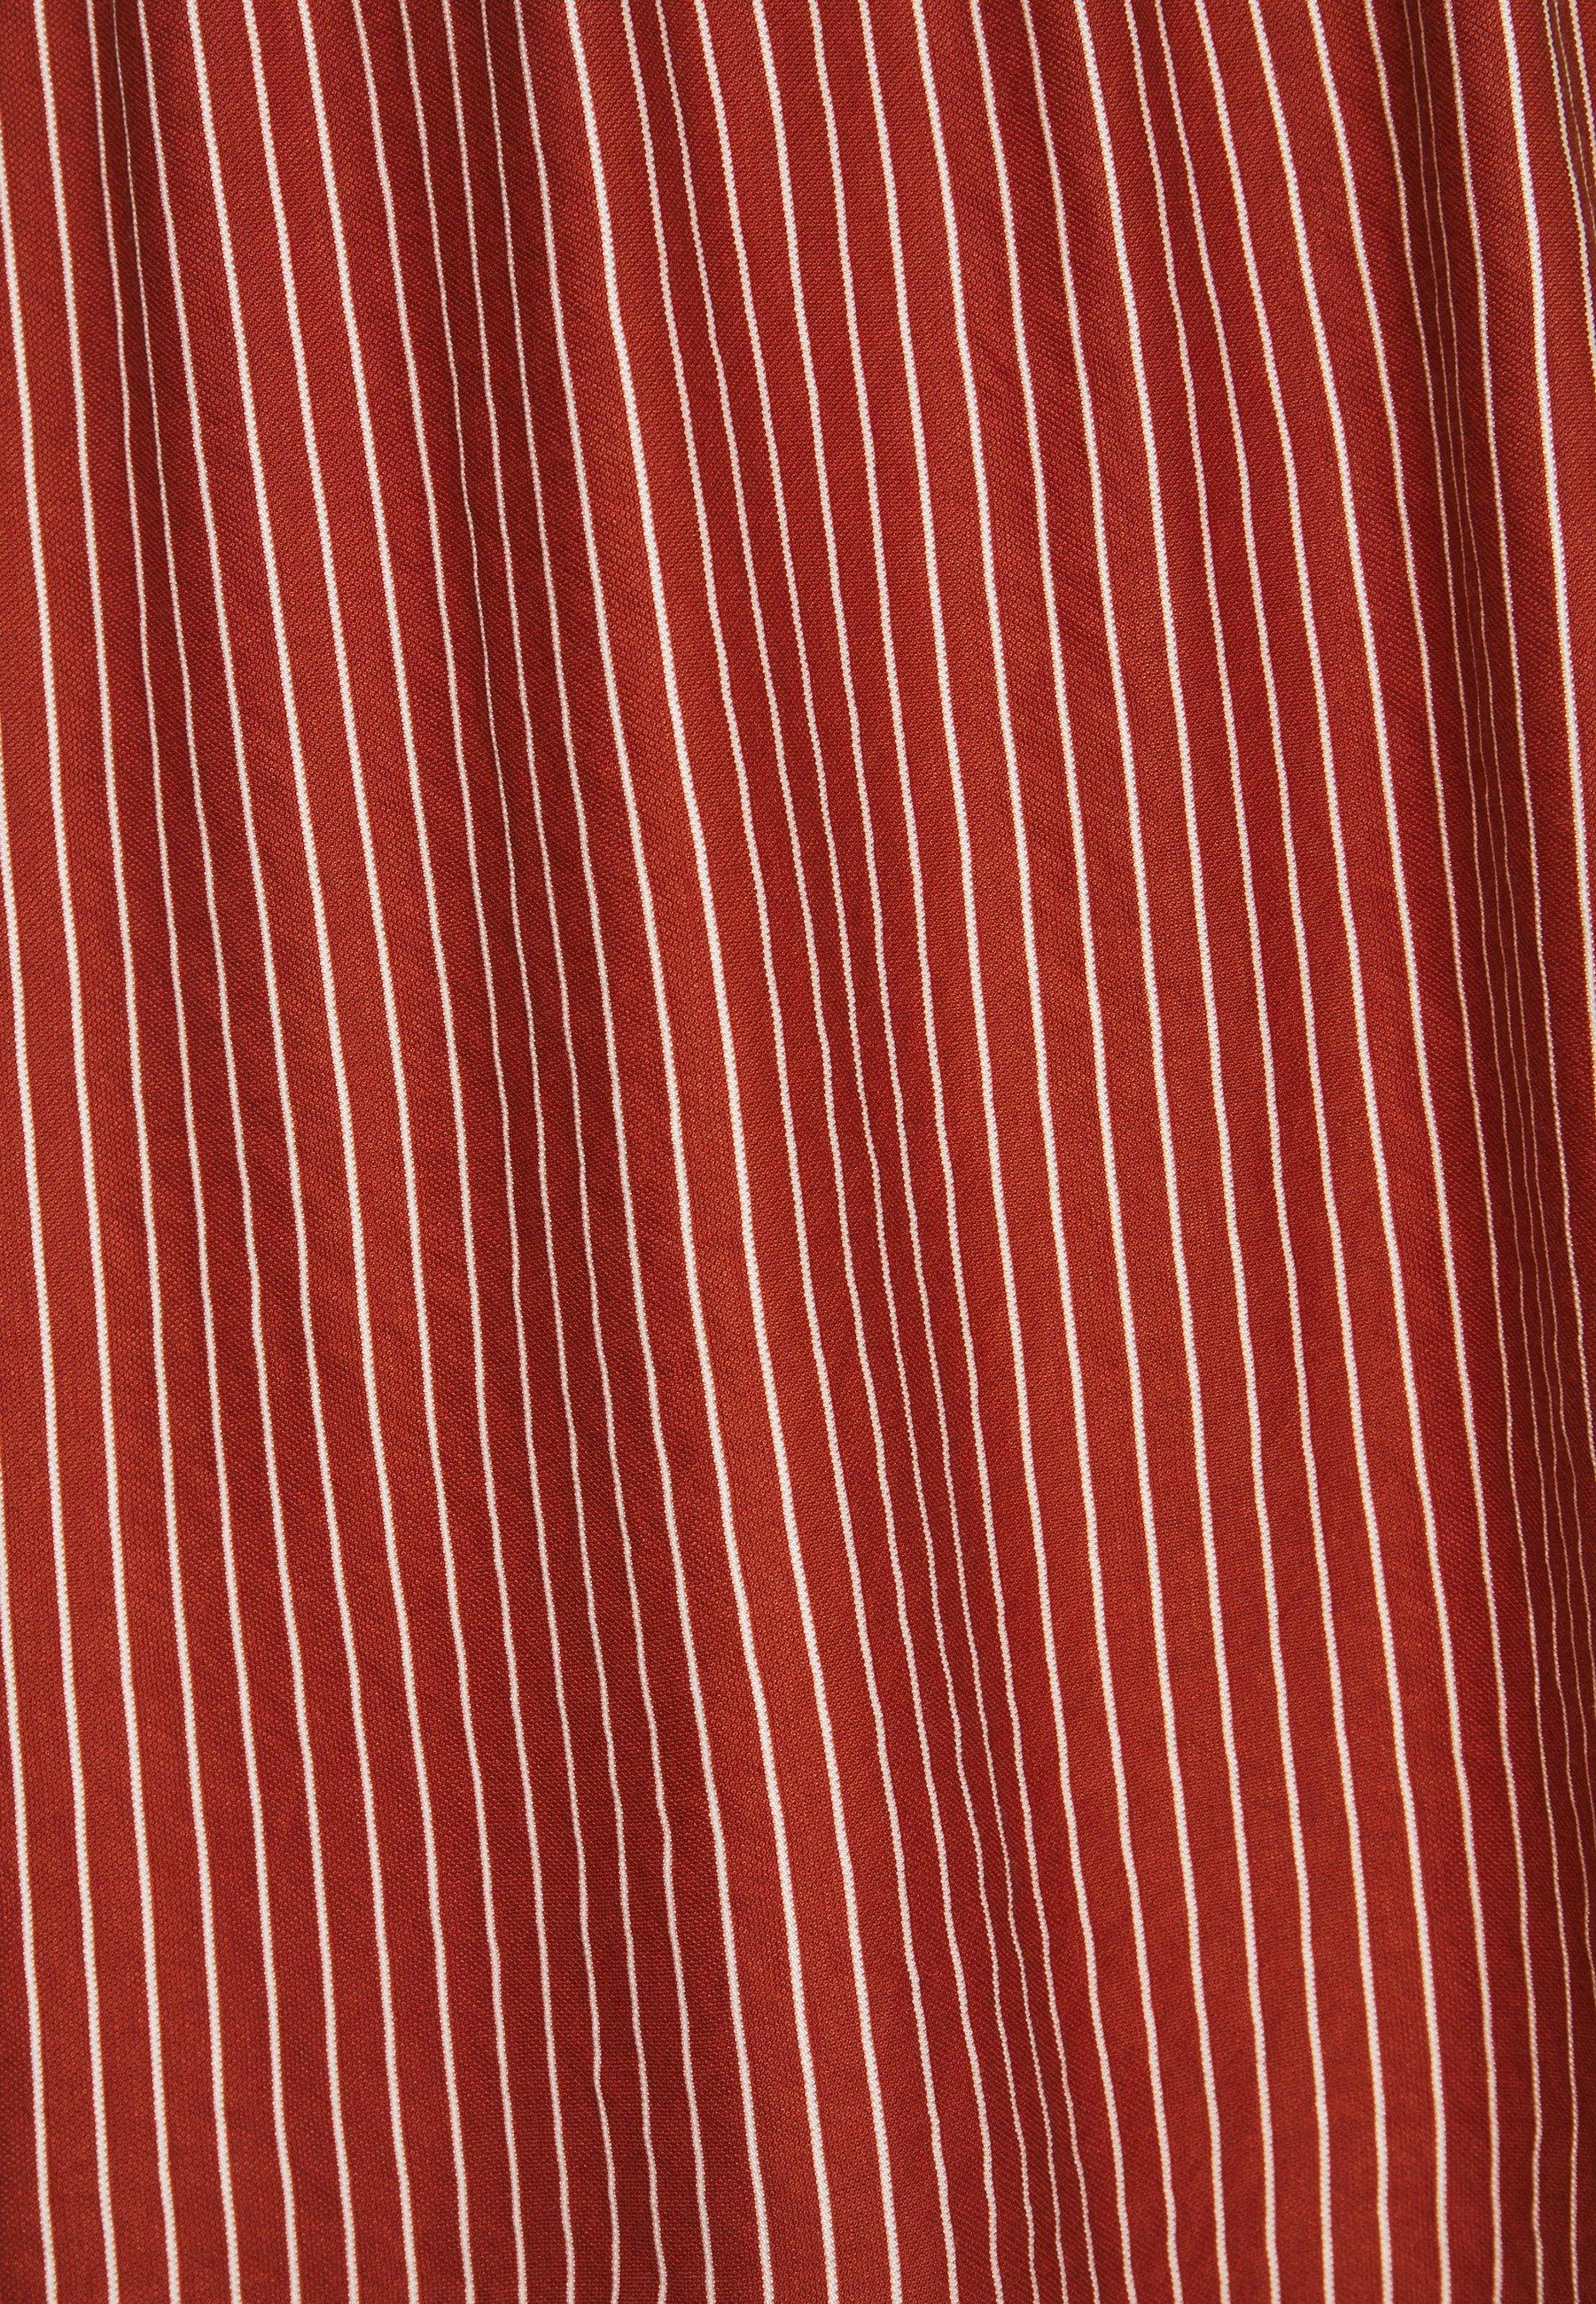 TOM TAILOR DRESS STRIPE Freizeitkleid brown/white/tan